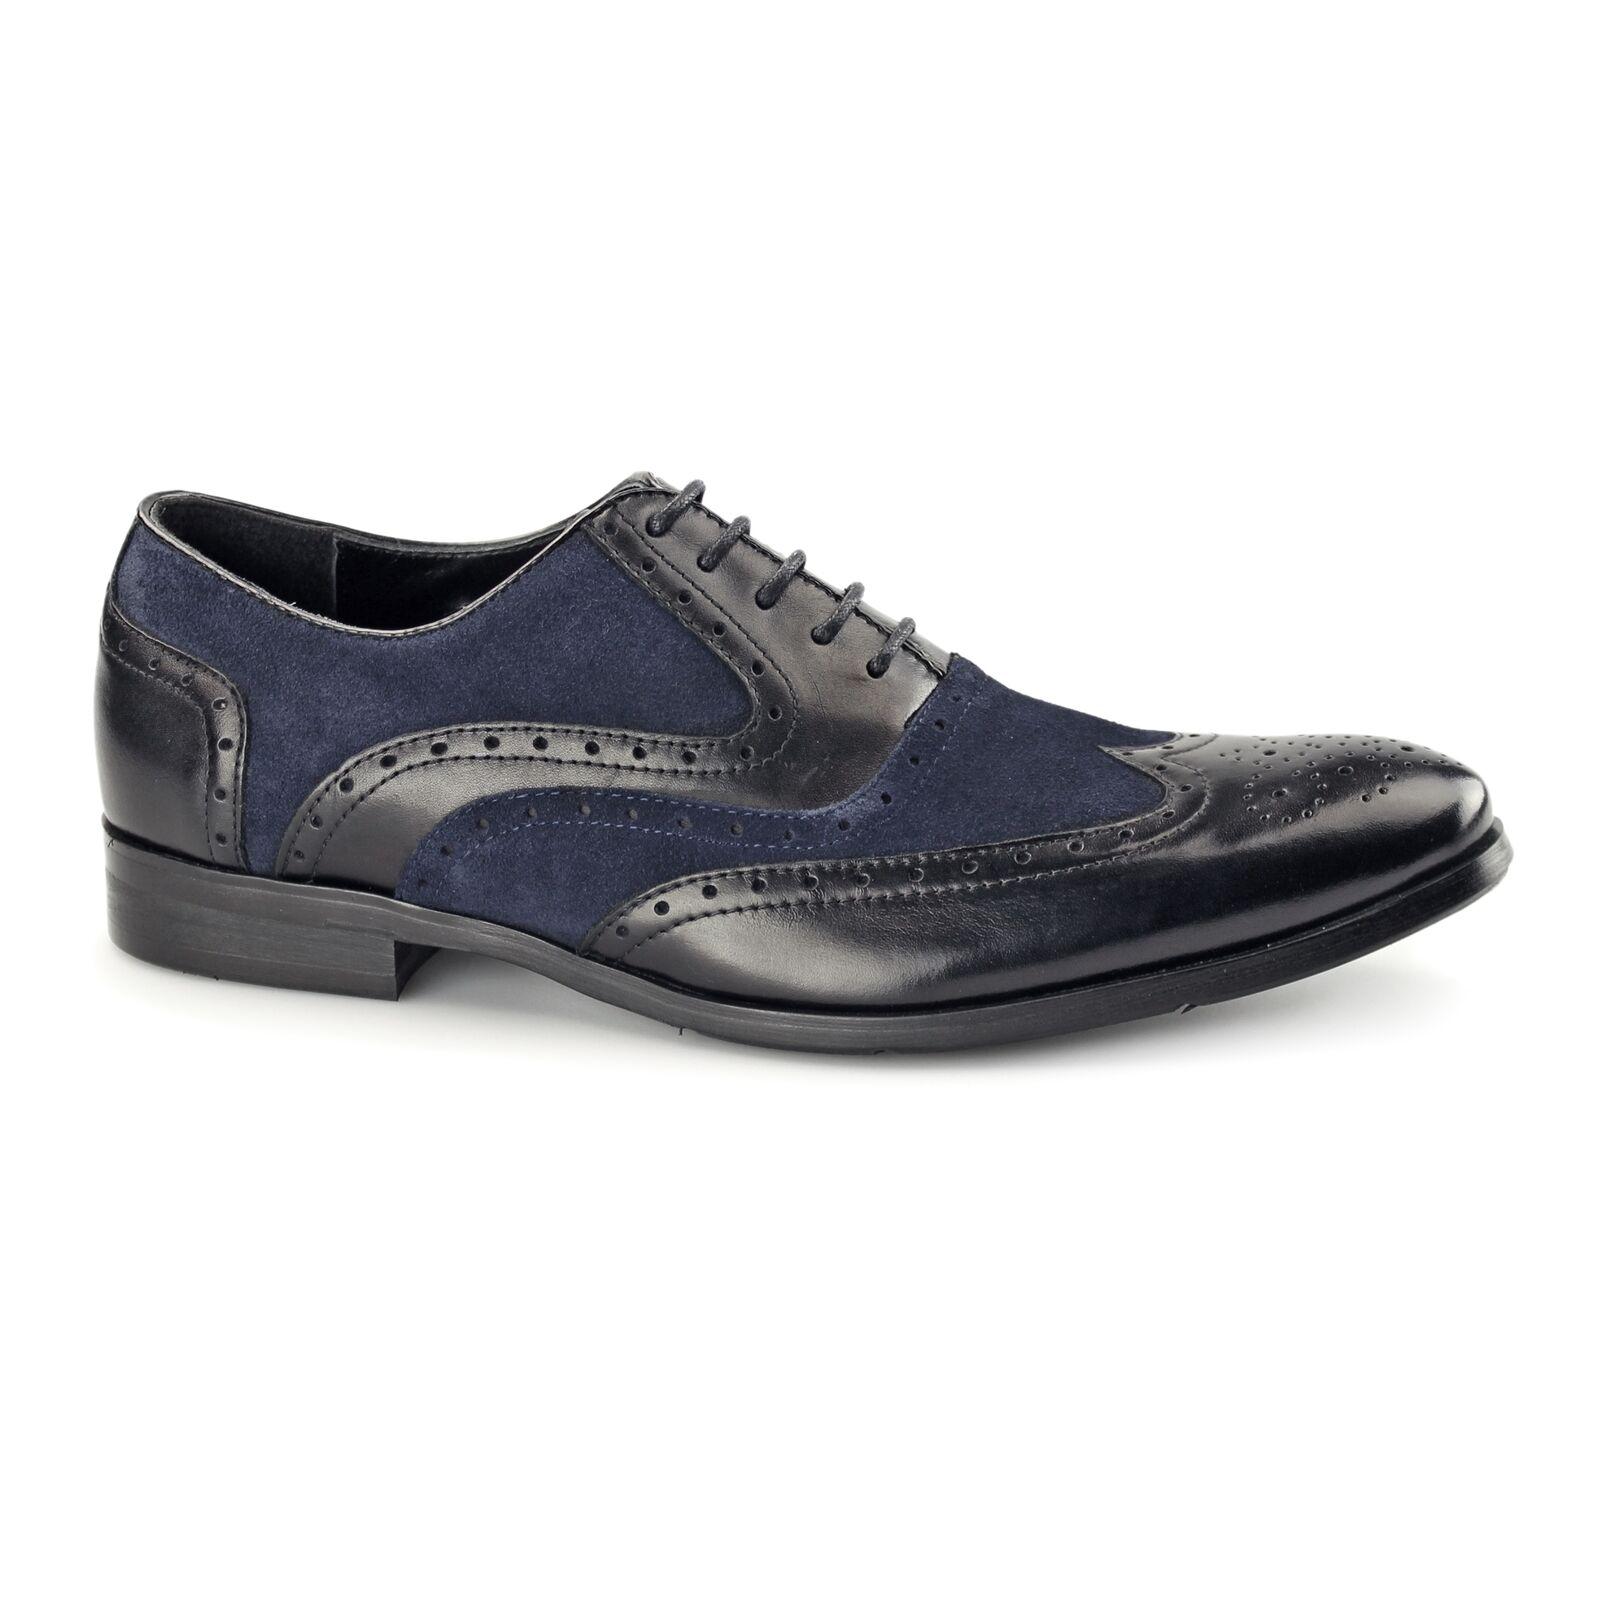 Azor MILLER para Hombre de Cuero Inteligente Formal Zapatos Oxford Brogue Acolchado Negro Azul